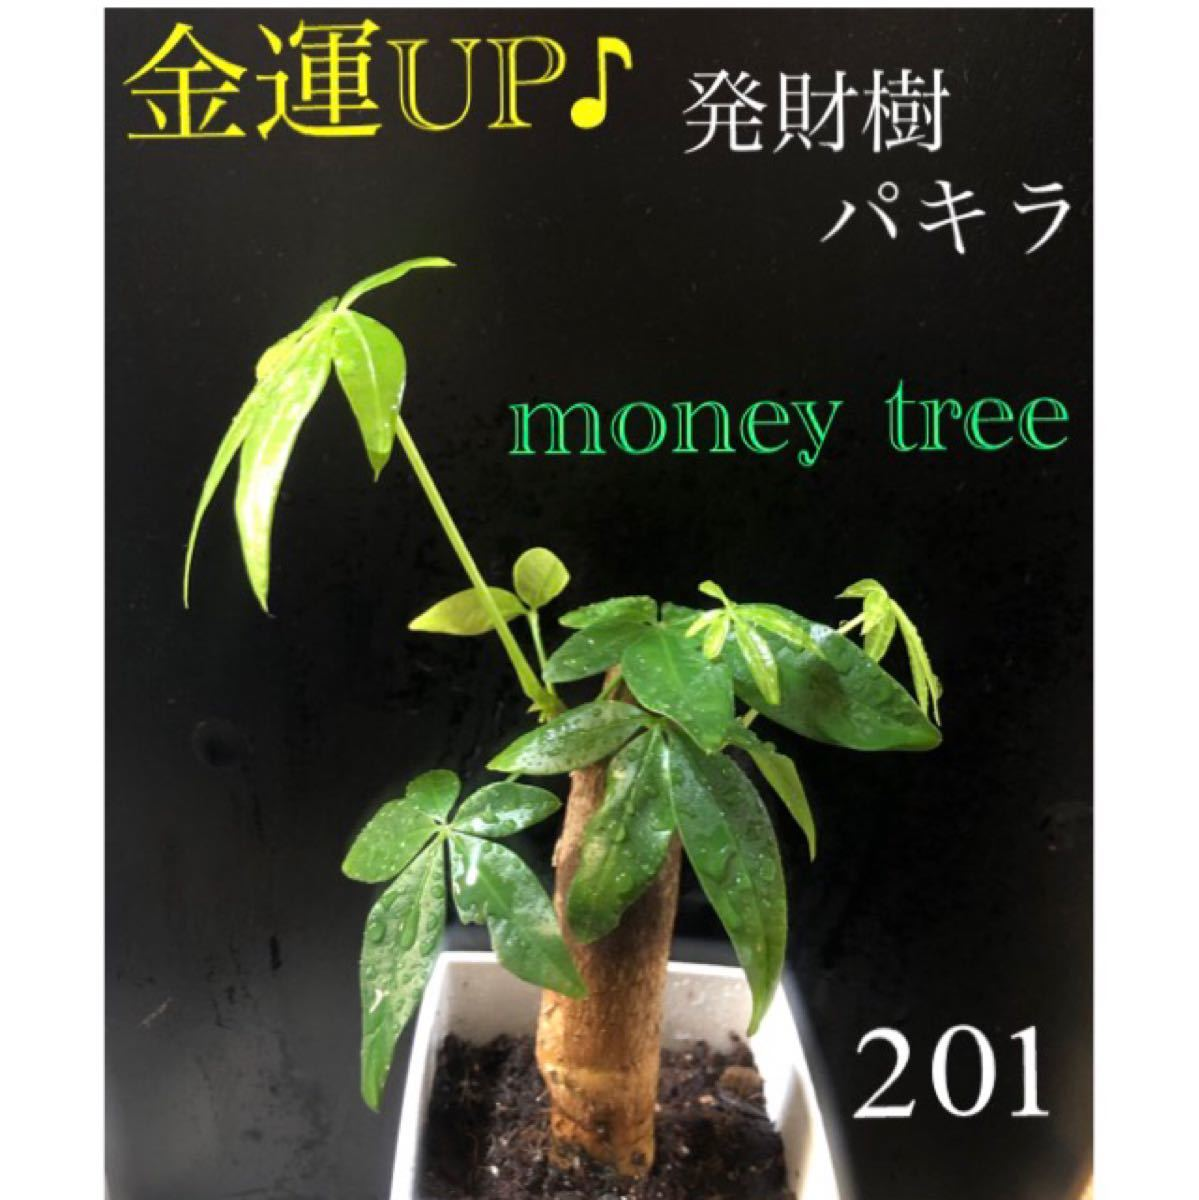 【201】金運UP  発財樹 パキラ 太幹 抜き苗 色鮮やかな新芽たくさん